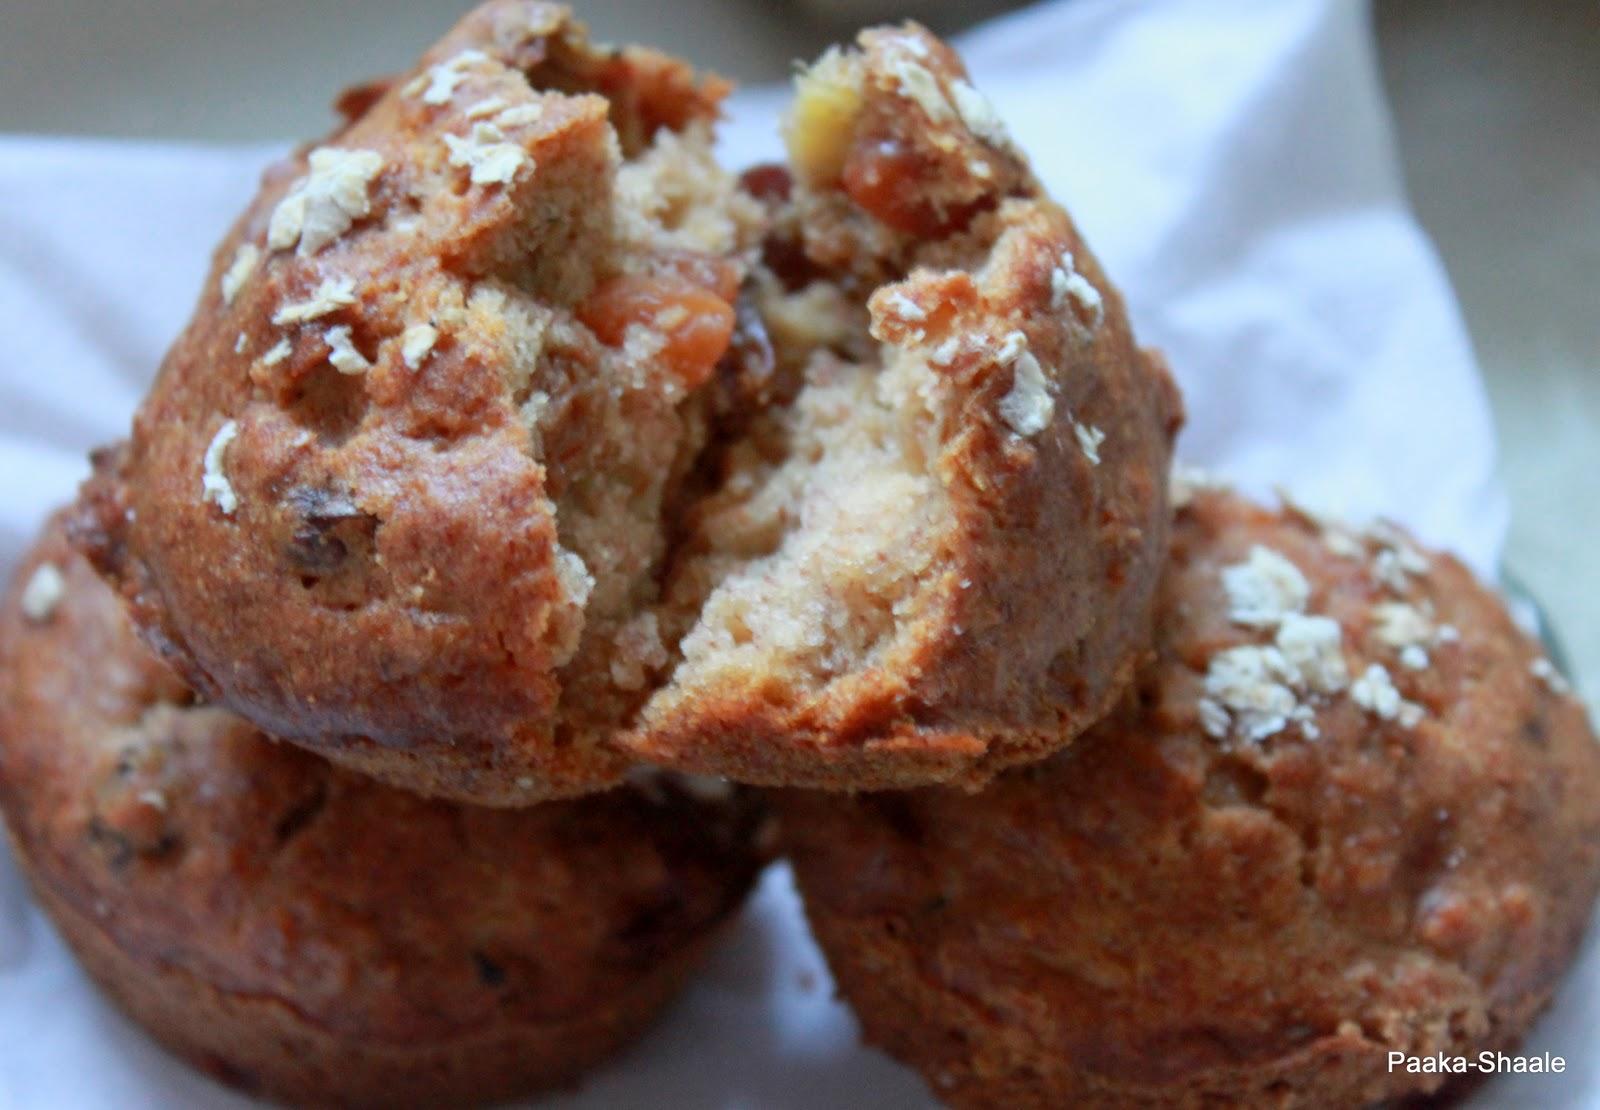 Paaka-Shaale: Eggless oatmeal, banana, raisin muffin